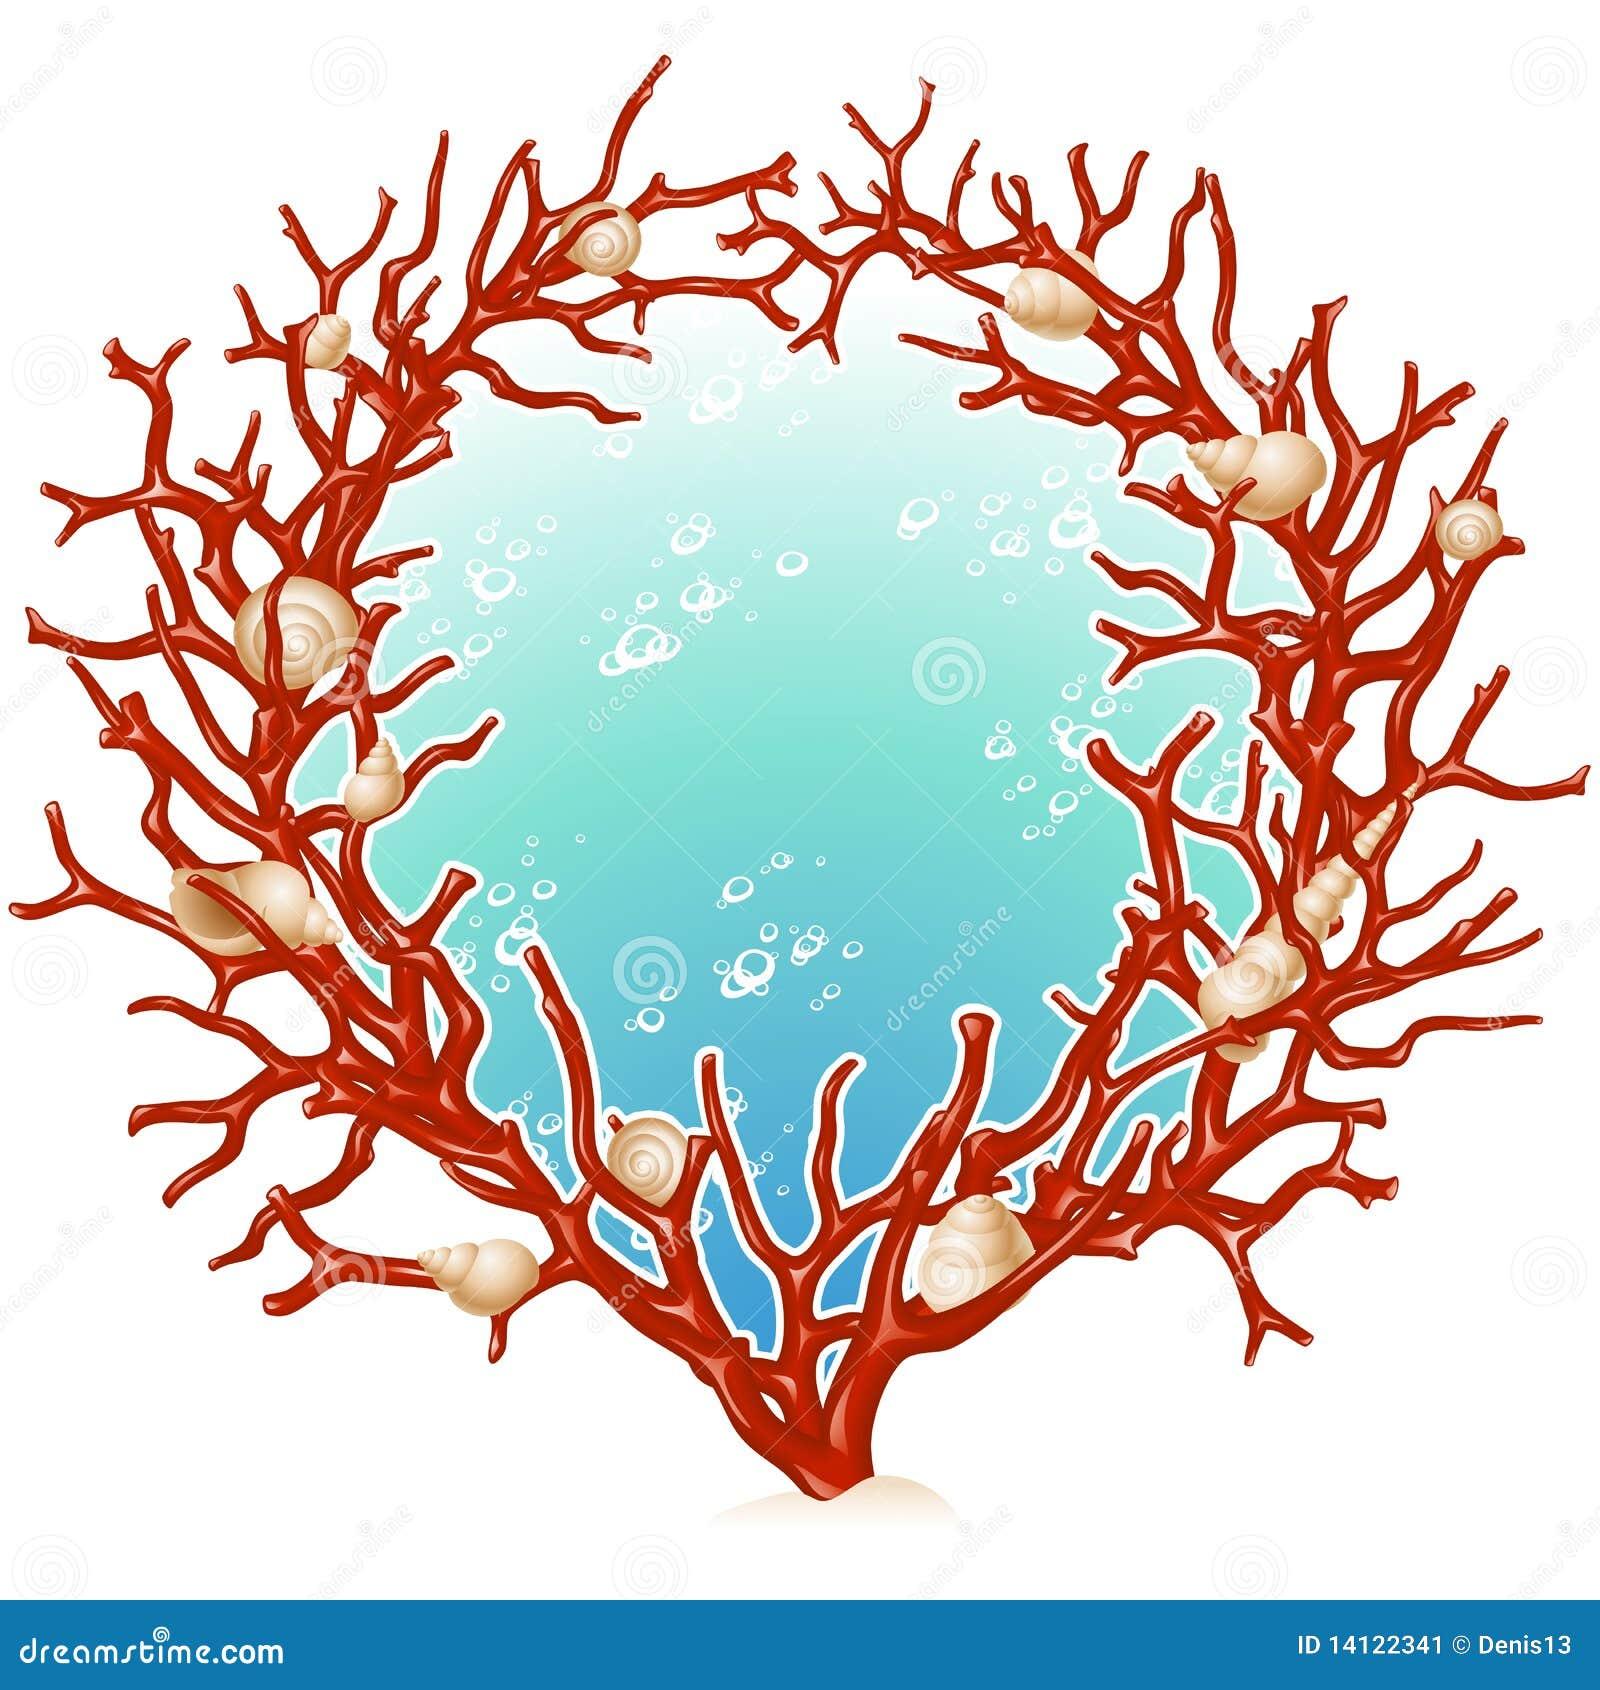 Più immagini stock simili di ` Blocco per grafici del corallo rosso `